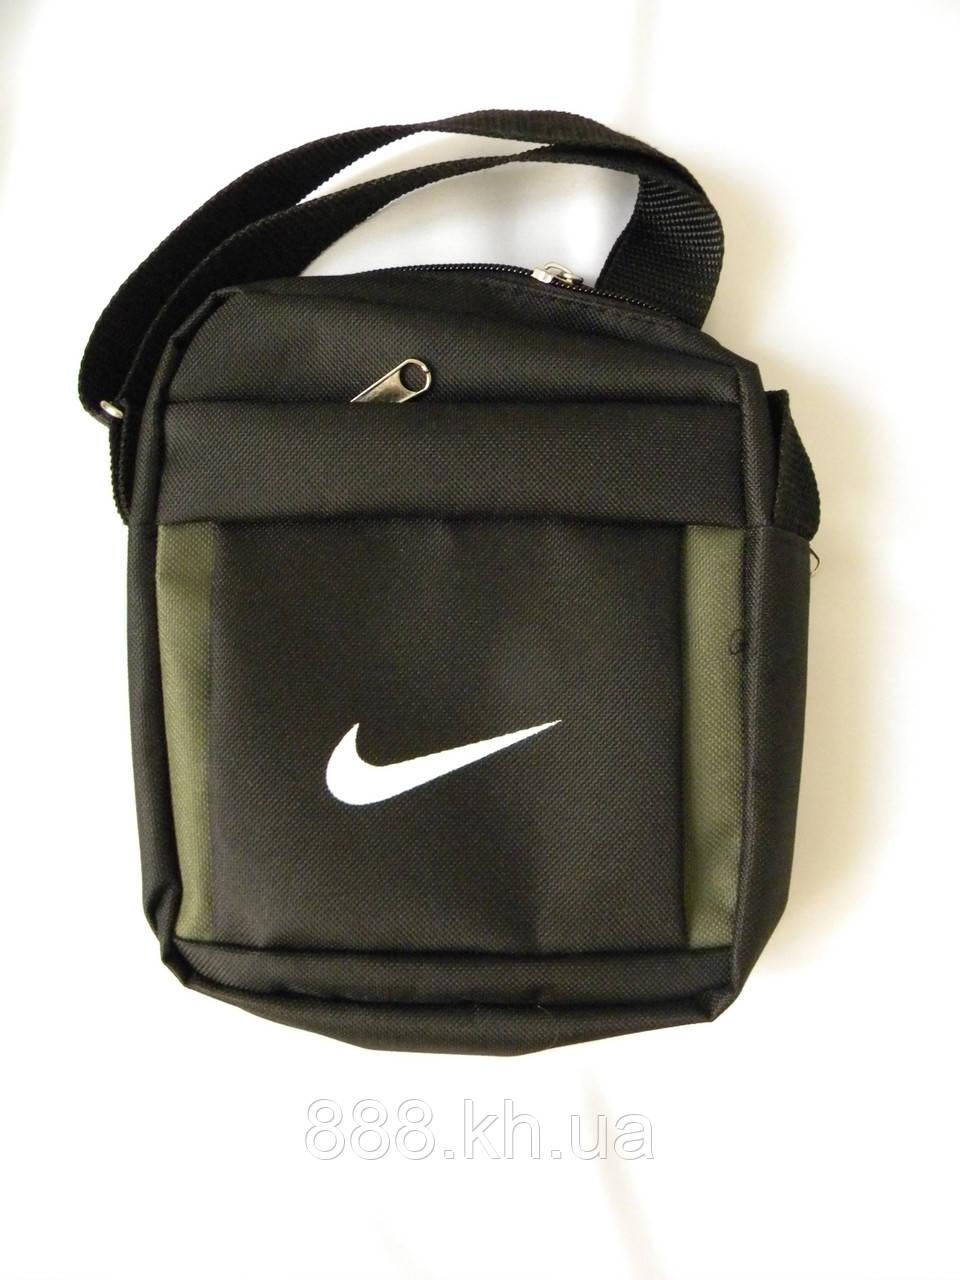 Мужская сумка через плече Nike, чоловiчi сумки Найк, молодежная сумка через плече, сумка для документов   реплика - P A N D A в Харькове